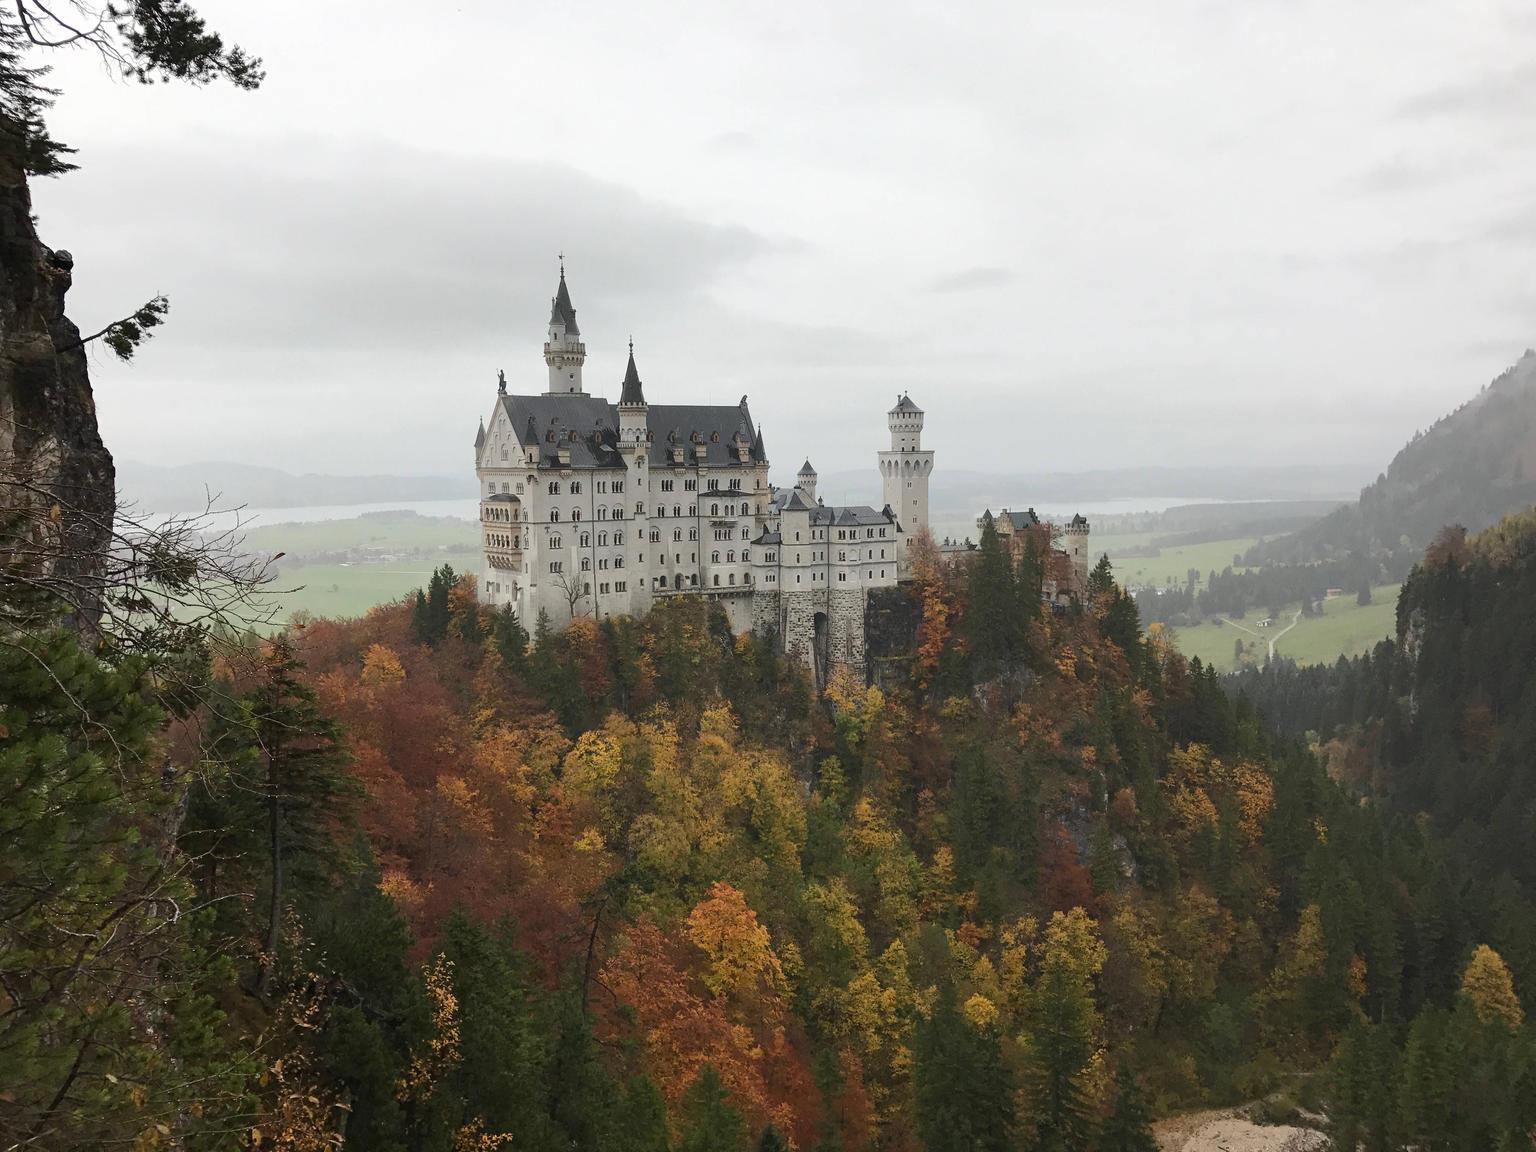 MORE PHOTOS, Neuschwanstein castle BikeTour from Munich by train incl.bike ride in fuessen